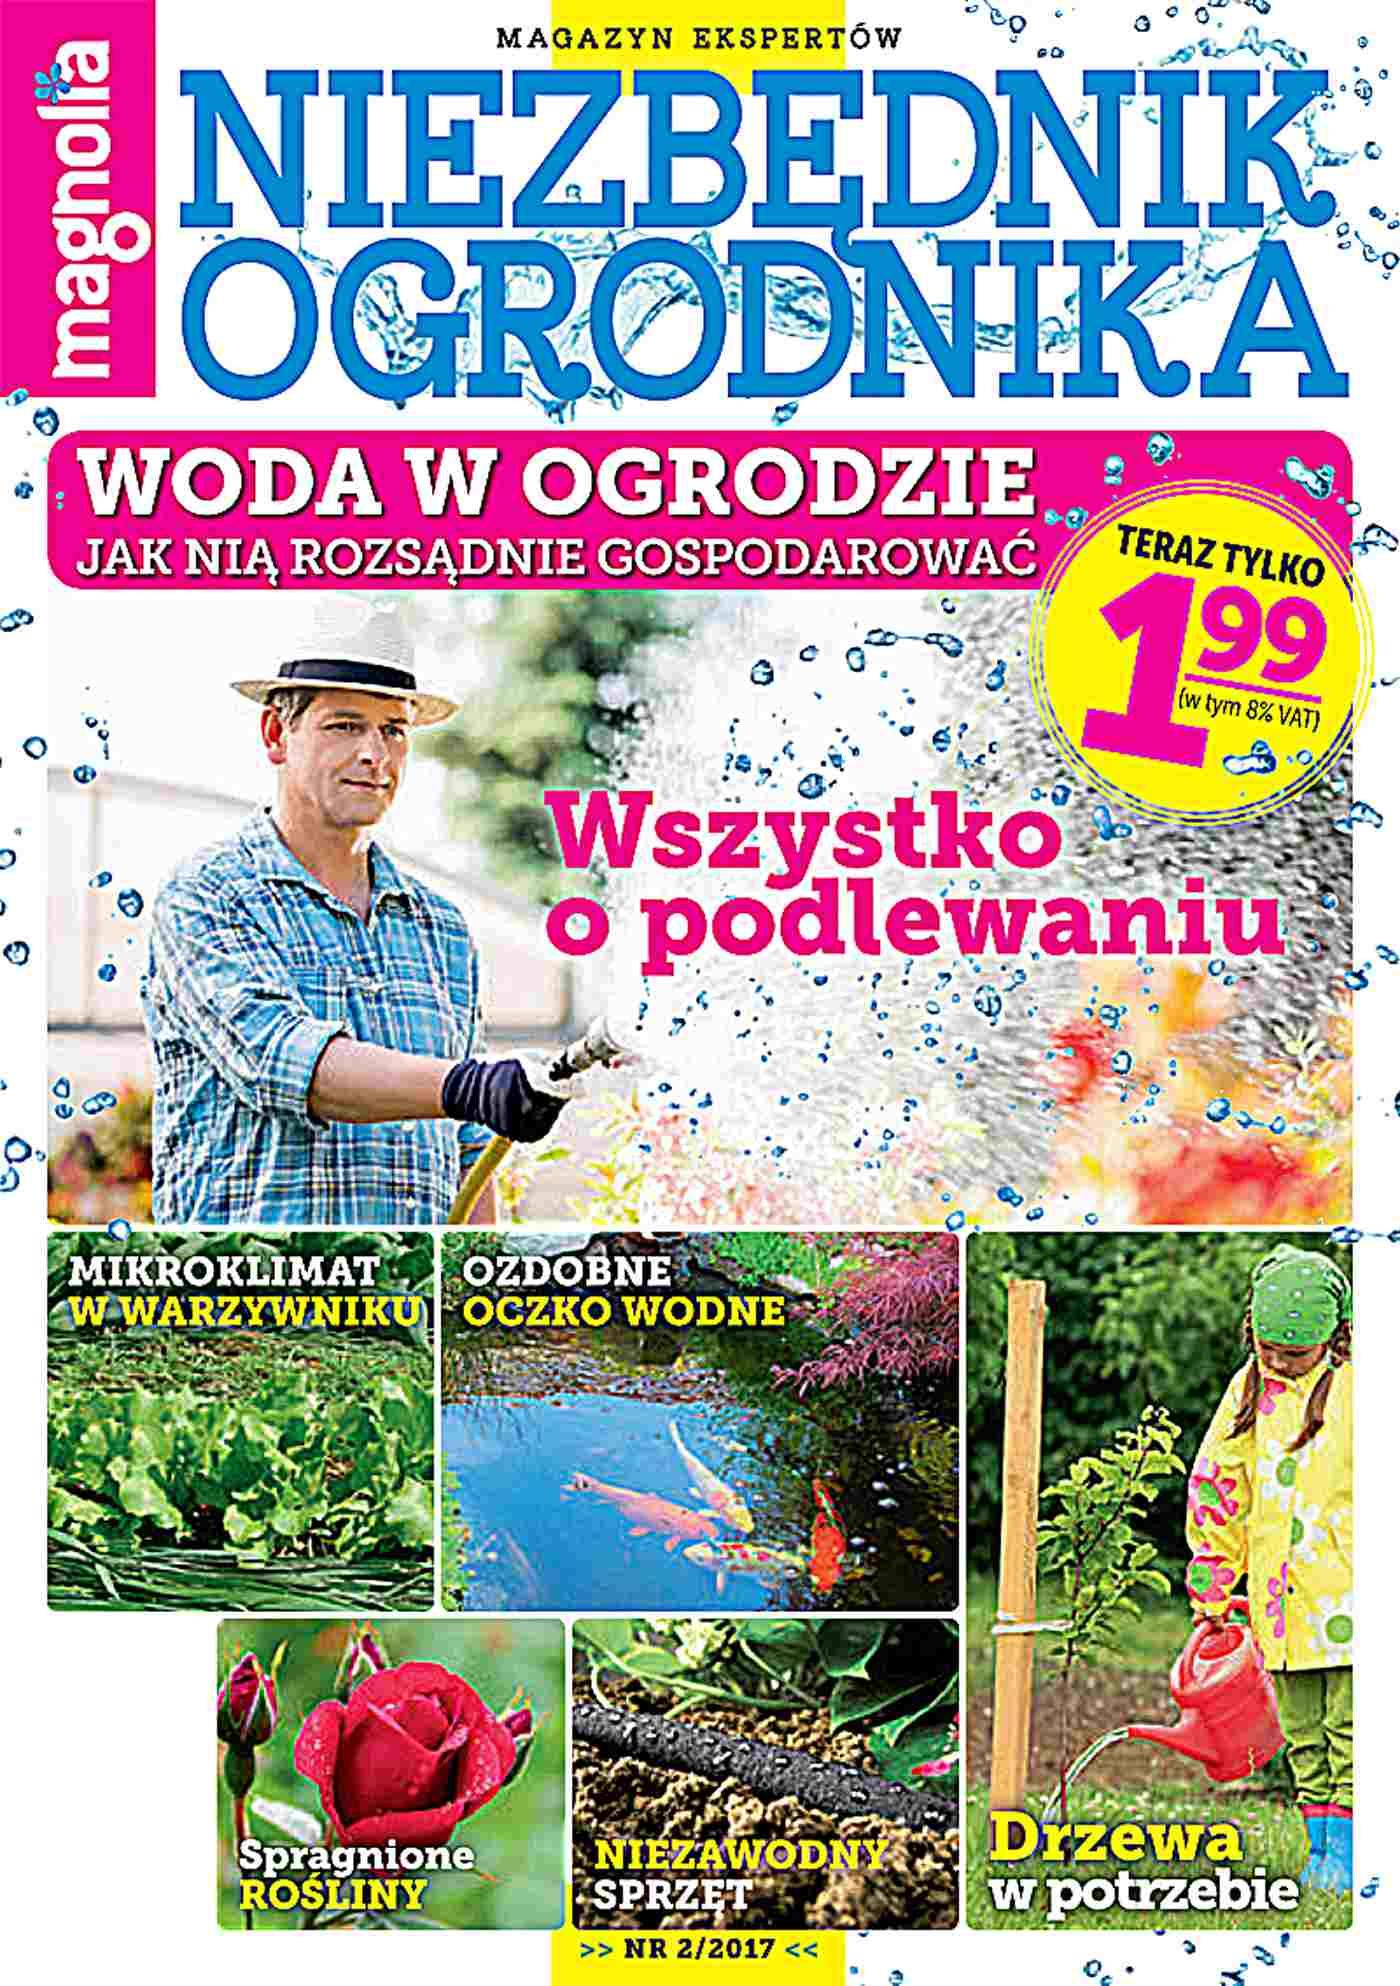 Niezbędnik Ogrodnika 2/2017 - Ebook (Książka PDF) do pobrania w formacie PDF